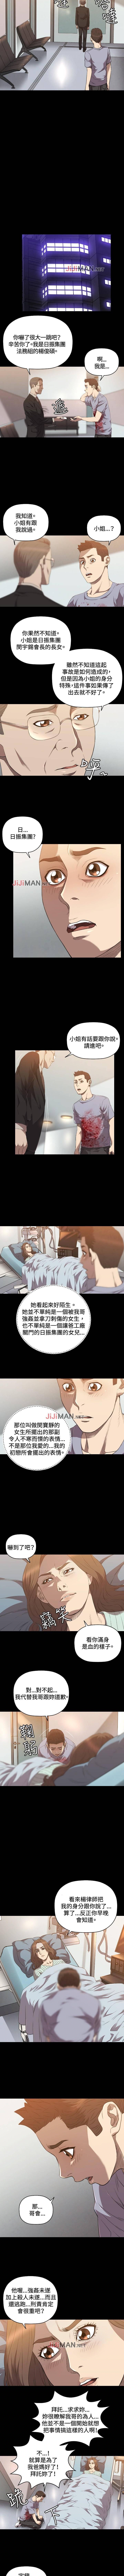 【已完结】索多玛俱乐部(作者:何藝媛&庫奈尼) 第1~32话 114